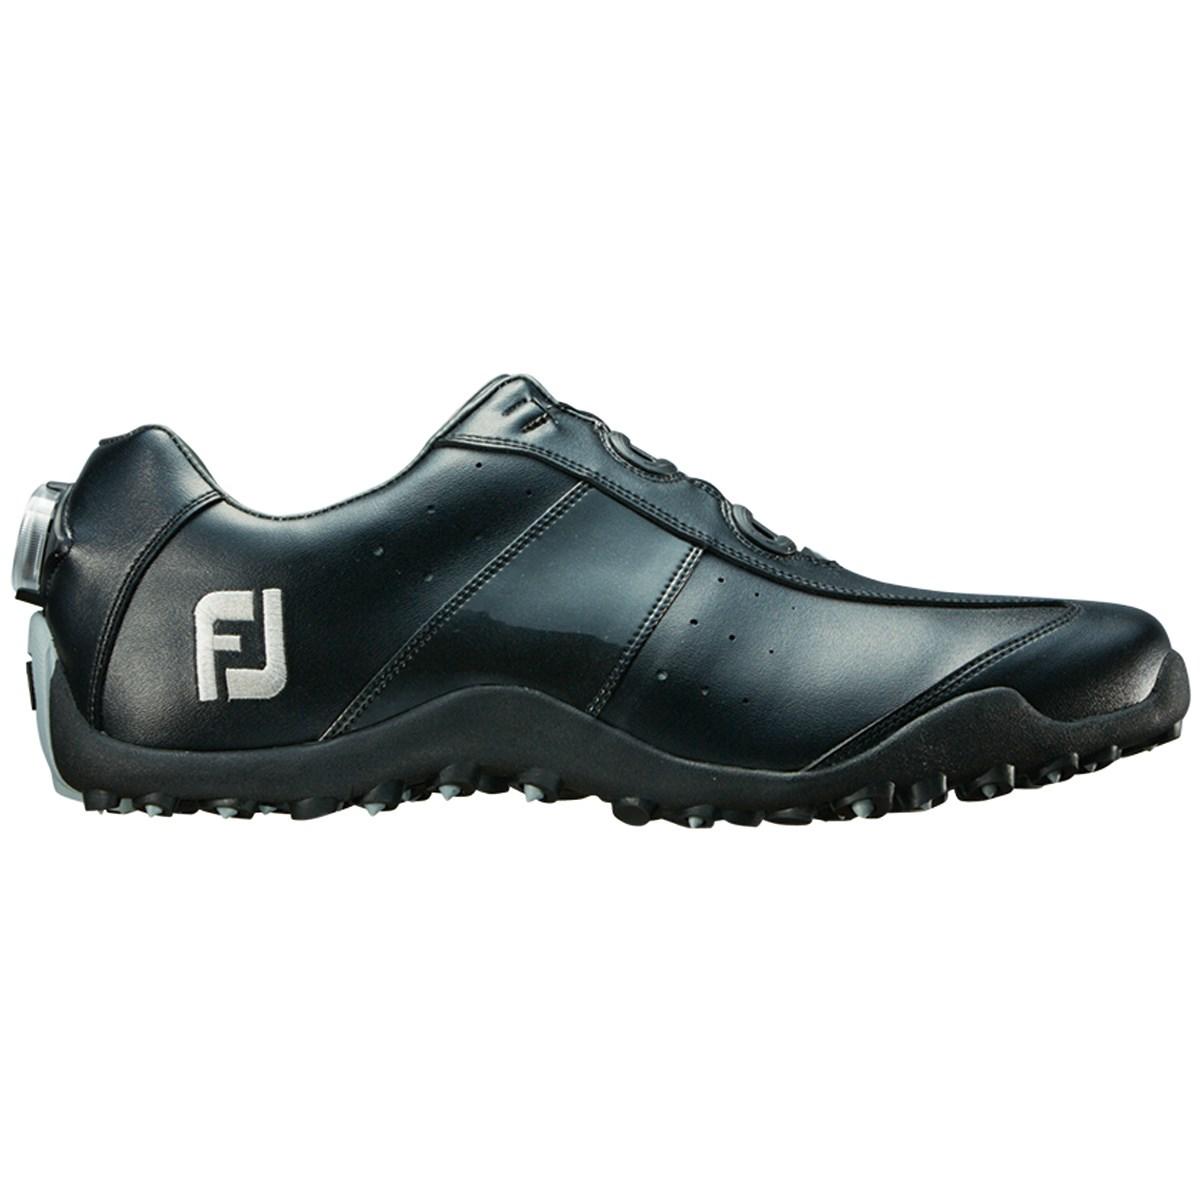 フットジョイ Foot Joy EXL SL Boa シューズ 26cm ブラック